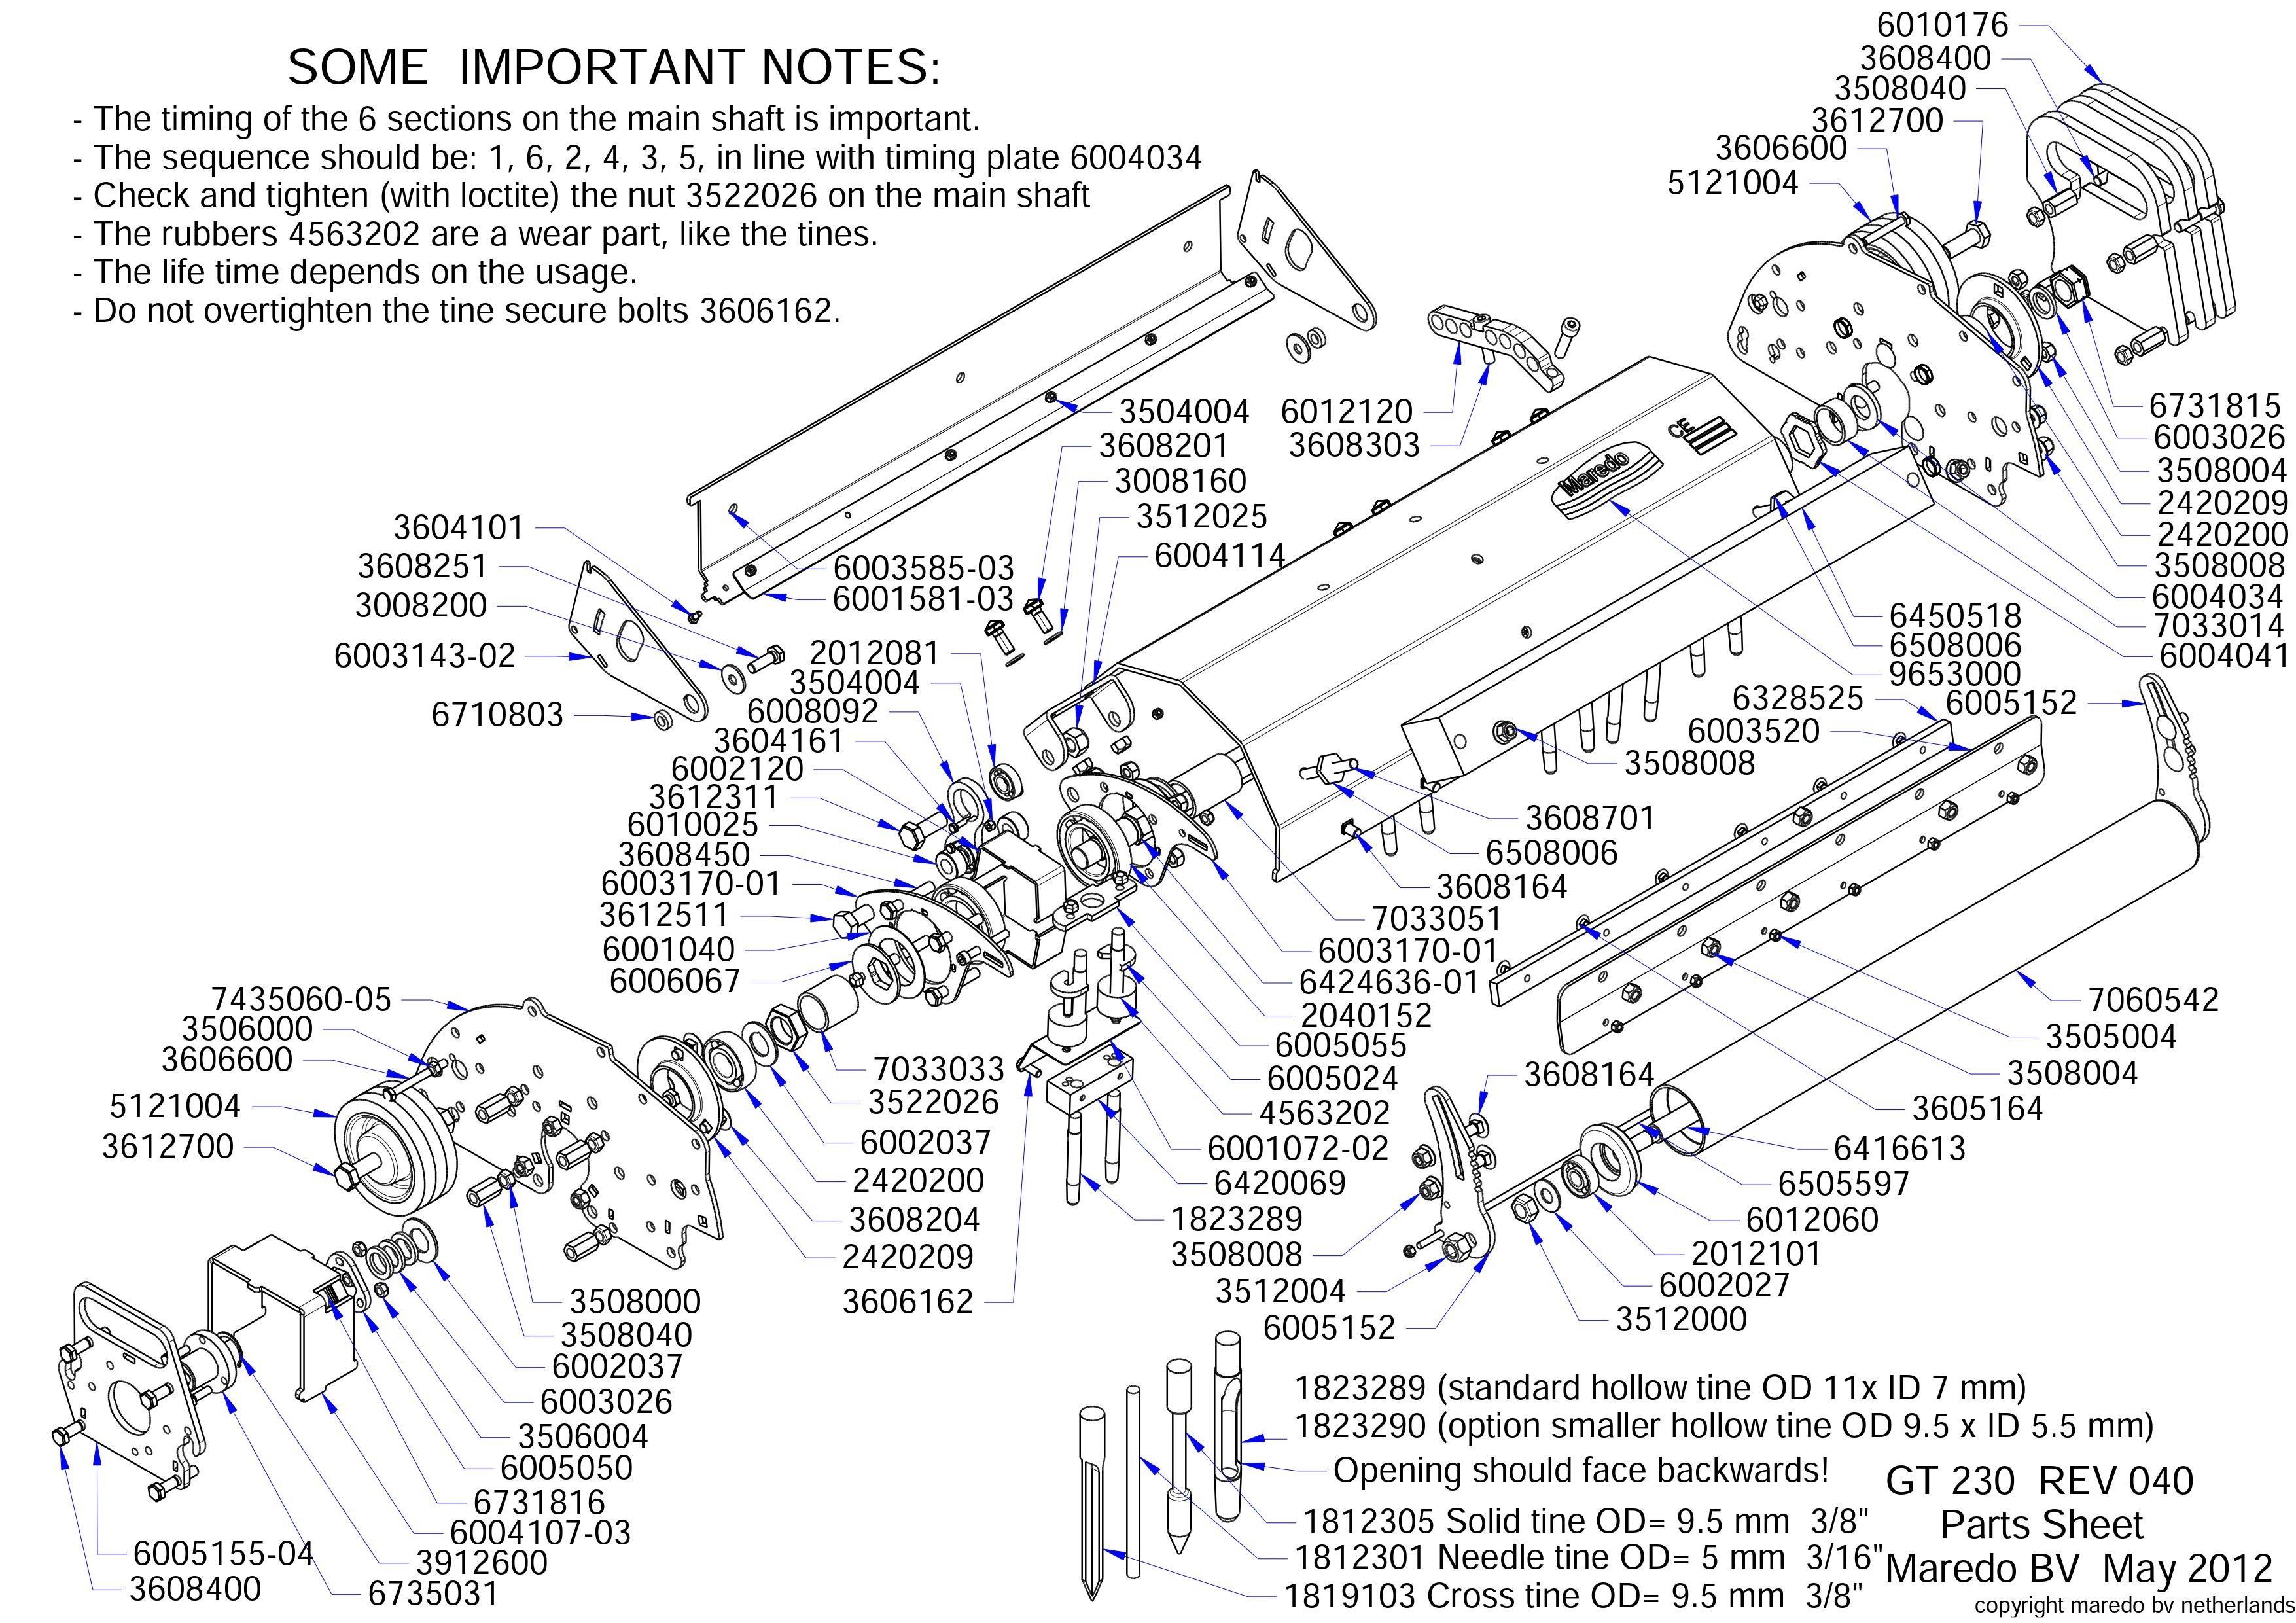 Echo Srm 210 Parts Diagram Support Maredo Bv Of Echo Srm 210 Parts Diagram